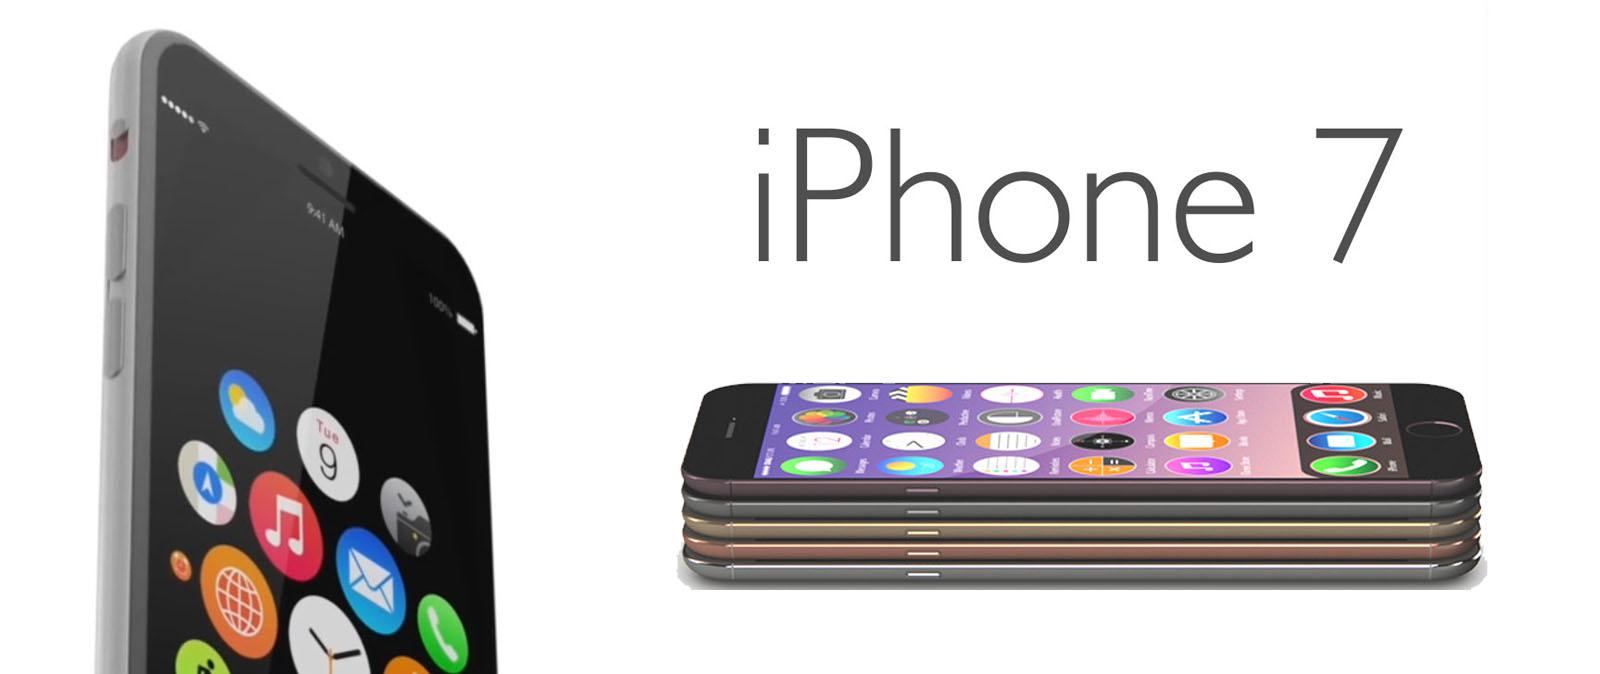 Ya tenemos en tiendas los iPhone 7 y 7 Plus